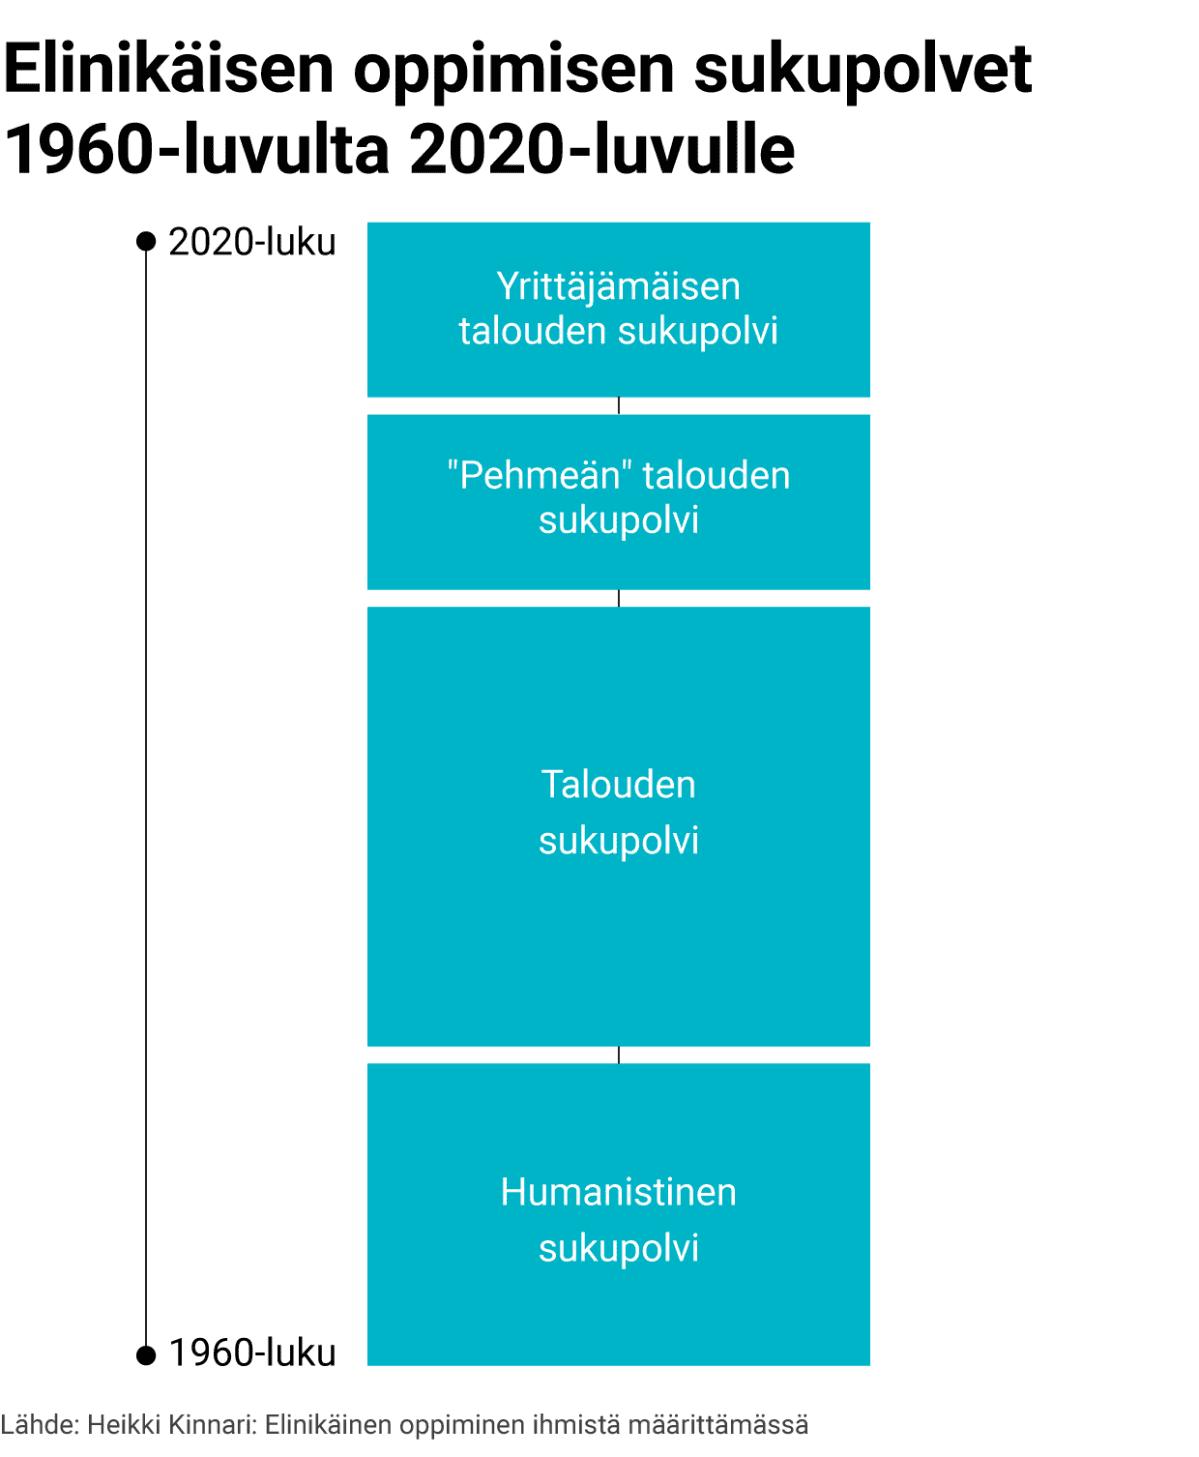 Elinikäisen oppimisen sukupolvet 1960-luvulta 2020-luvulle